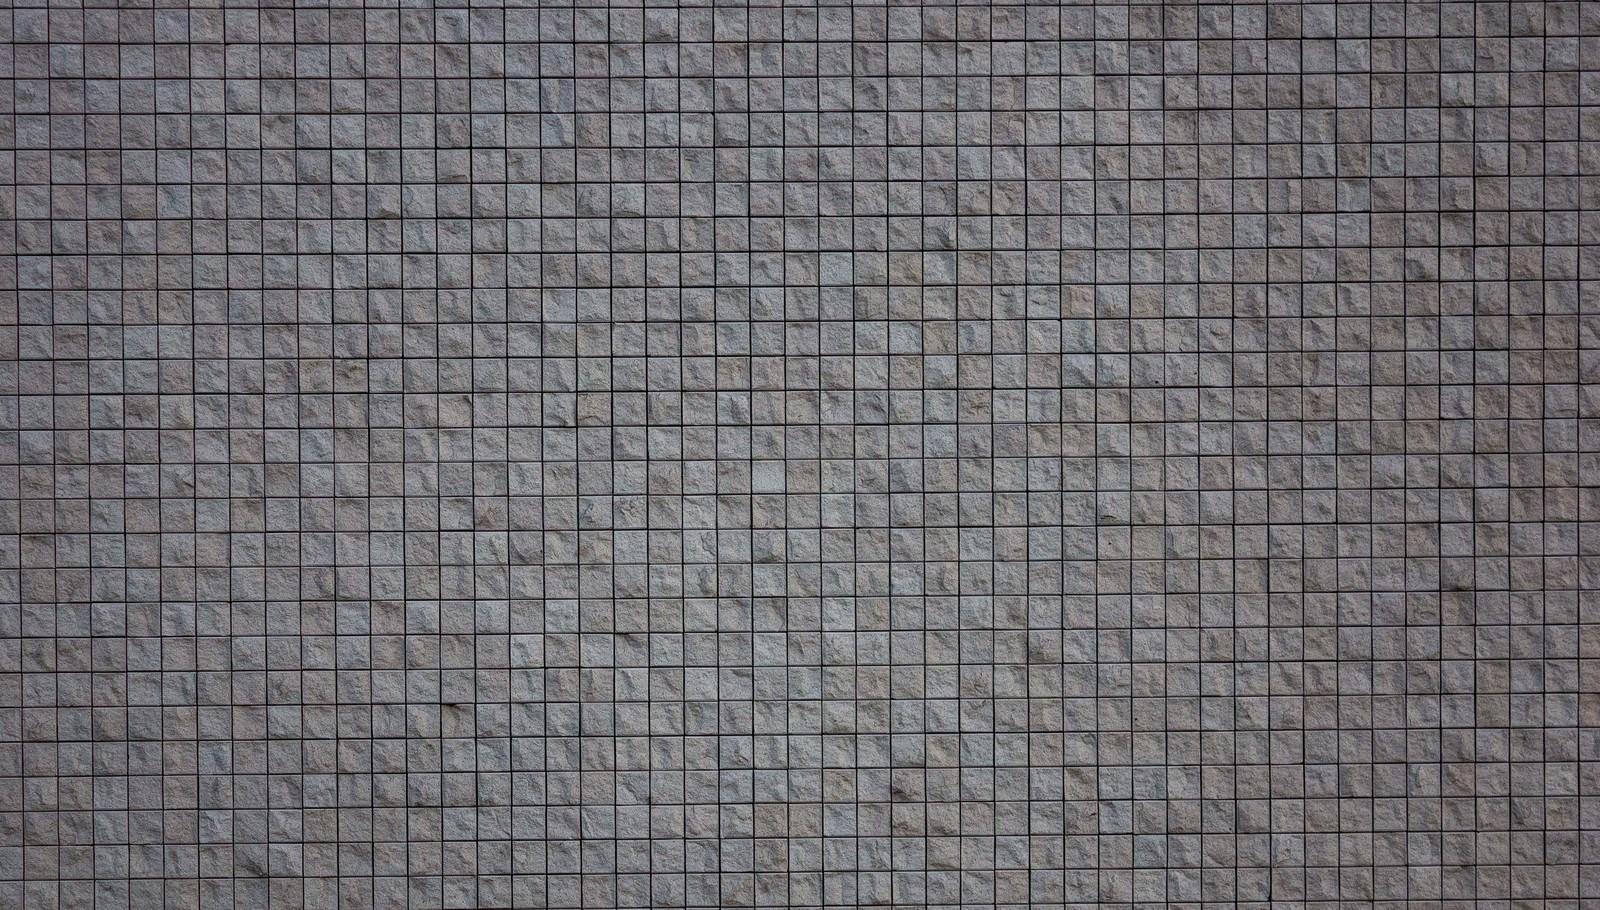 「リアルマインスイーパーができそうな壁(テクスチャー)リアルマインスイーパーができそうな壁(テクスチャー)」のフリー写真素材を拡大